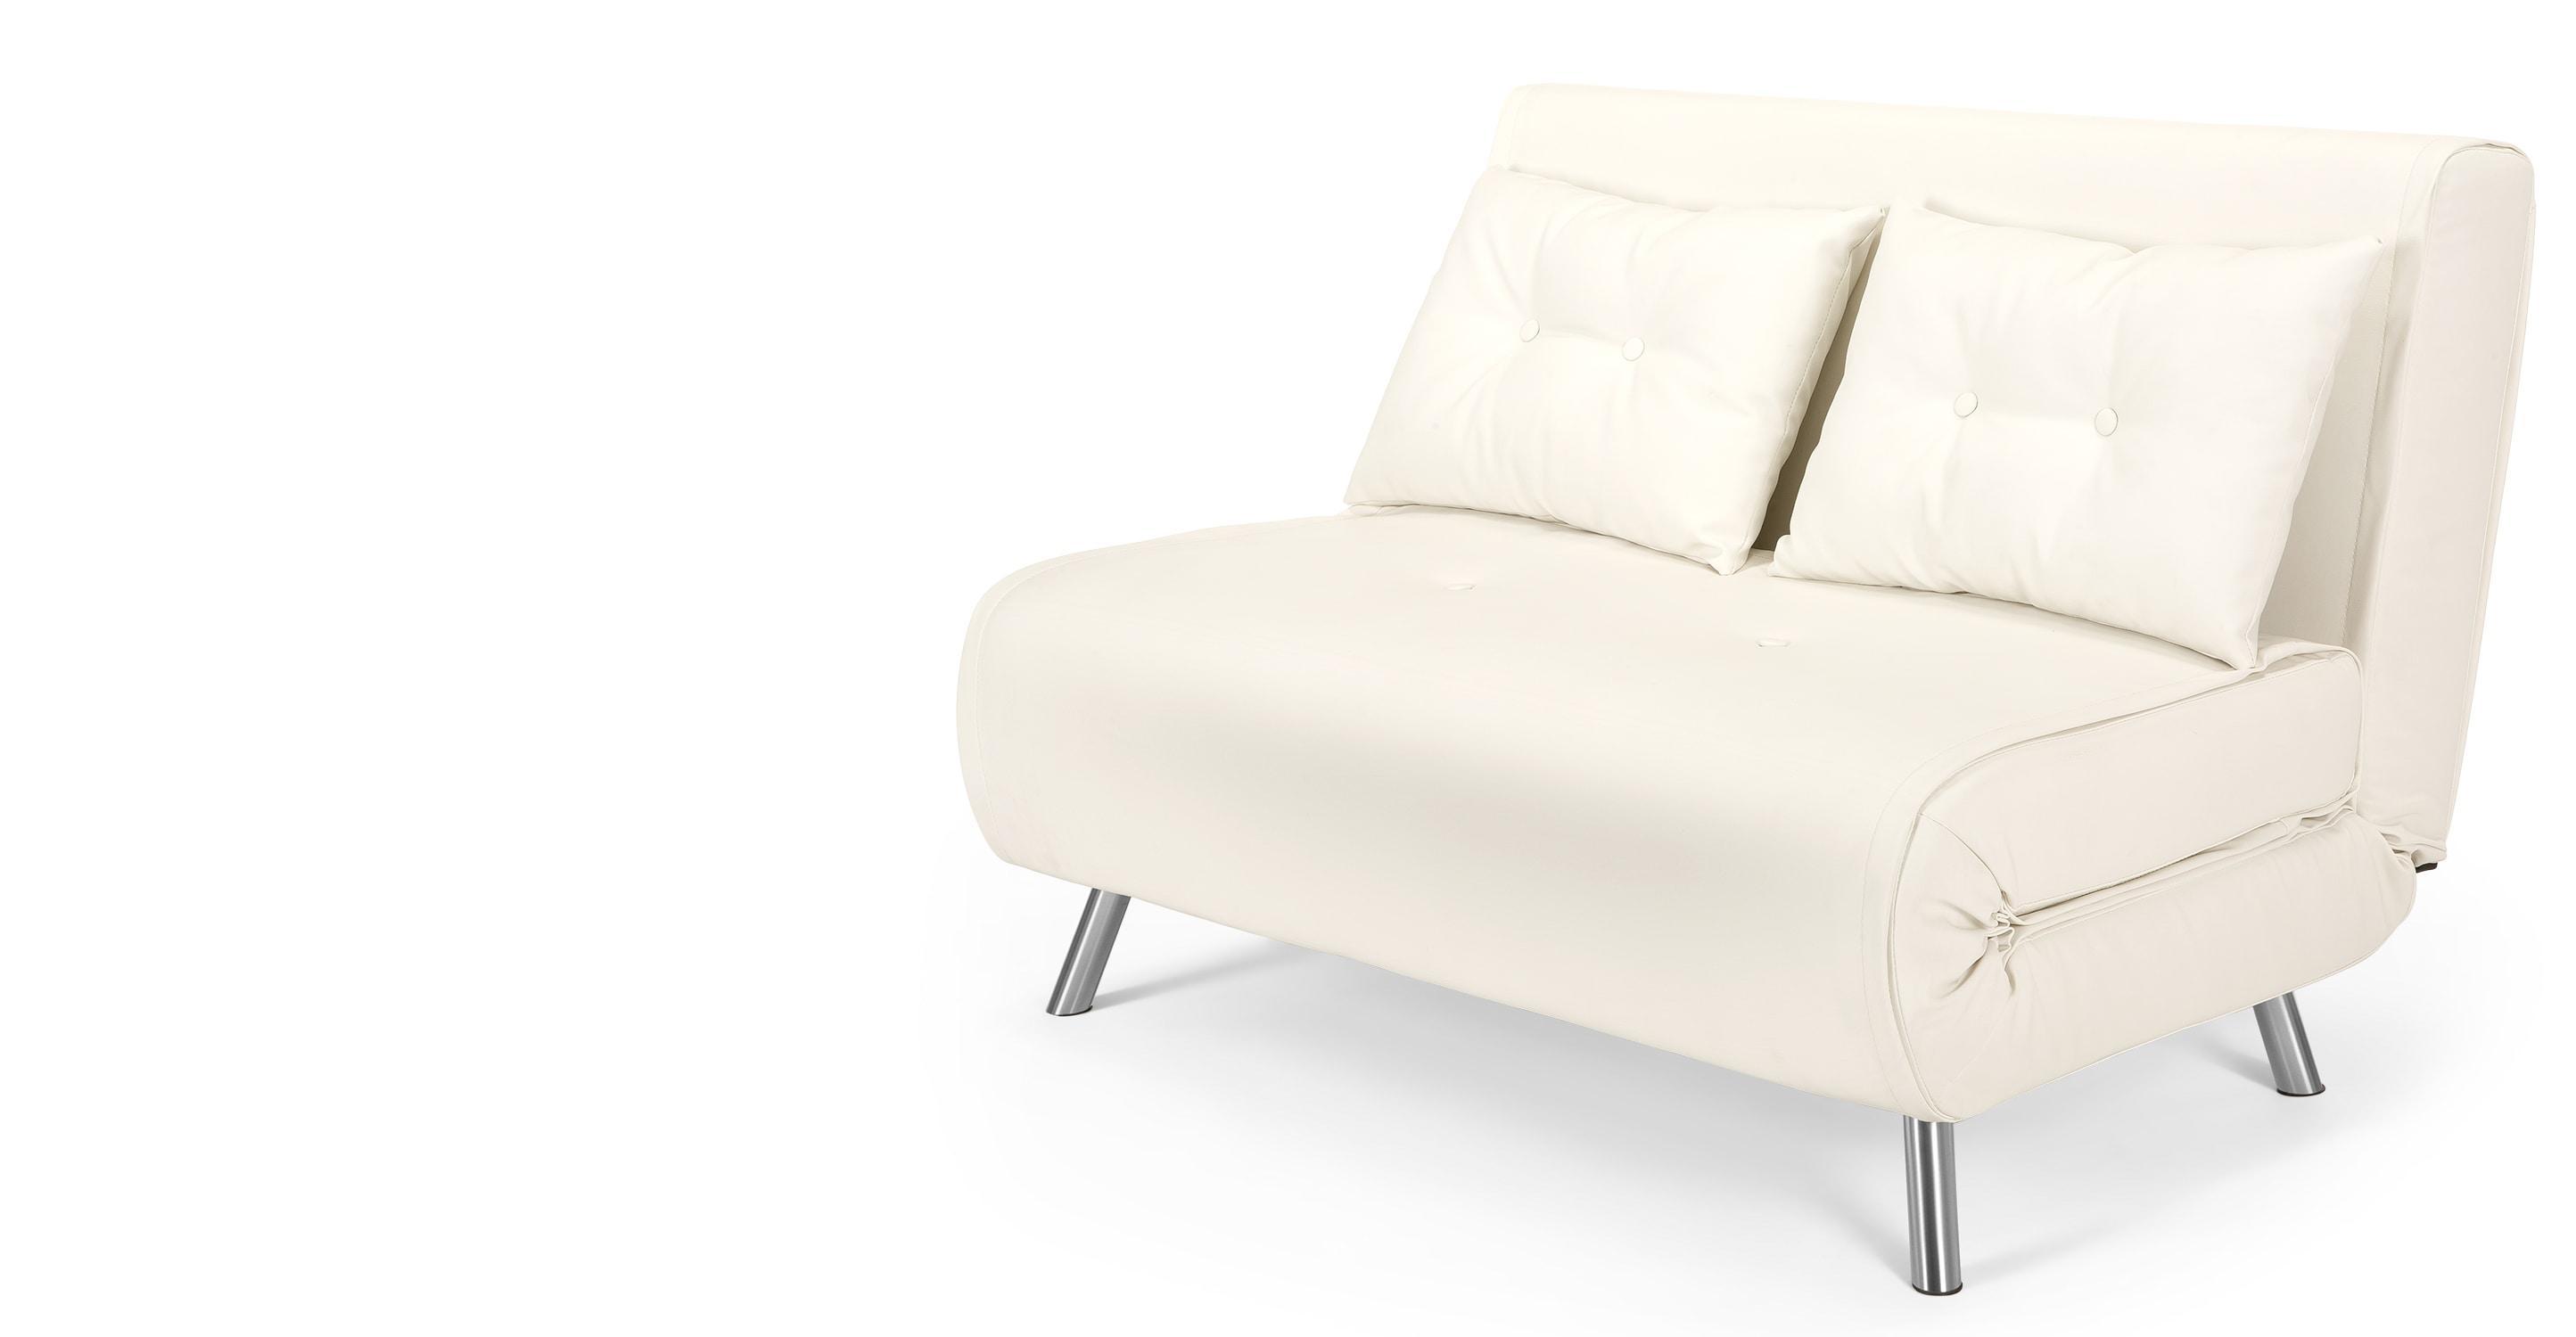 Mini Sofa Beds Uk – Hereo Sofa Pertaining To Mini Sofa Beds (View 11 of 20)